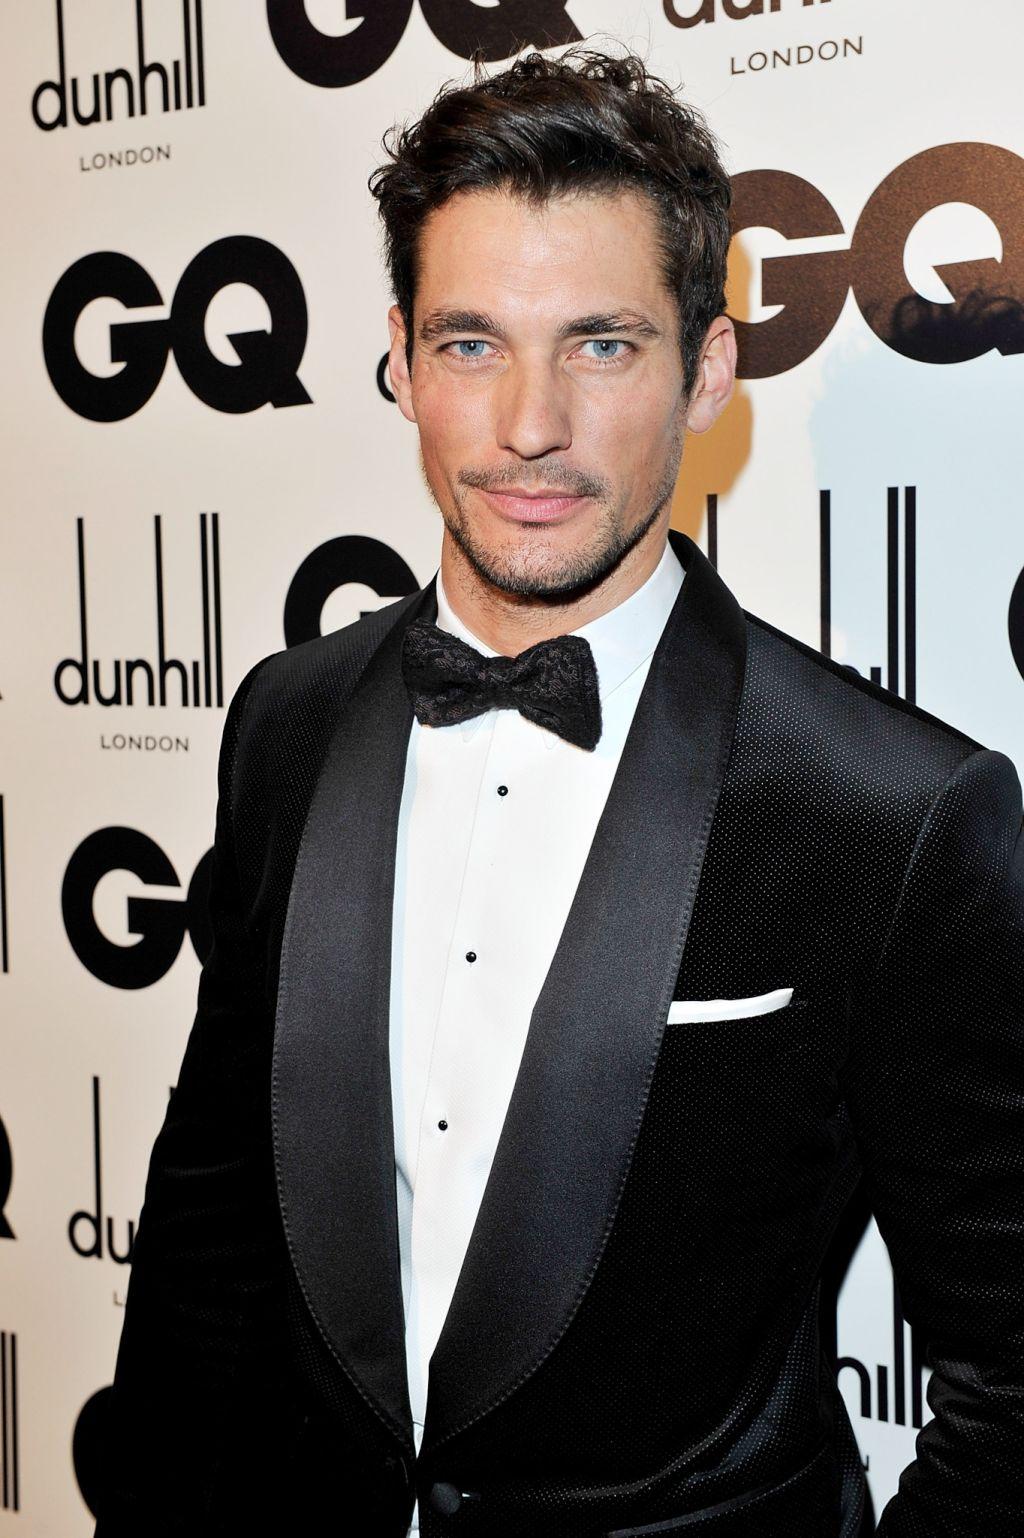 http://3.bp.blogspot.com/-MKKG3oetJPo/UEd2441OrHI/AAAAAAAAAJI/d1Q2fk6t7_U/s1600/David+Gandy+GQ+Awards+2012+%281%29.jpg